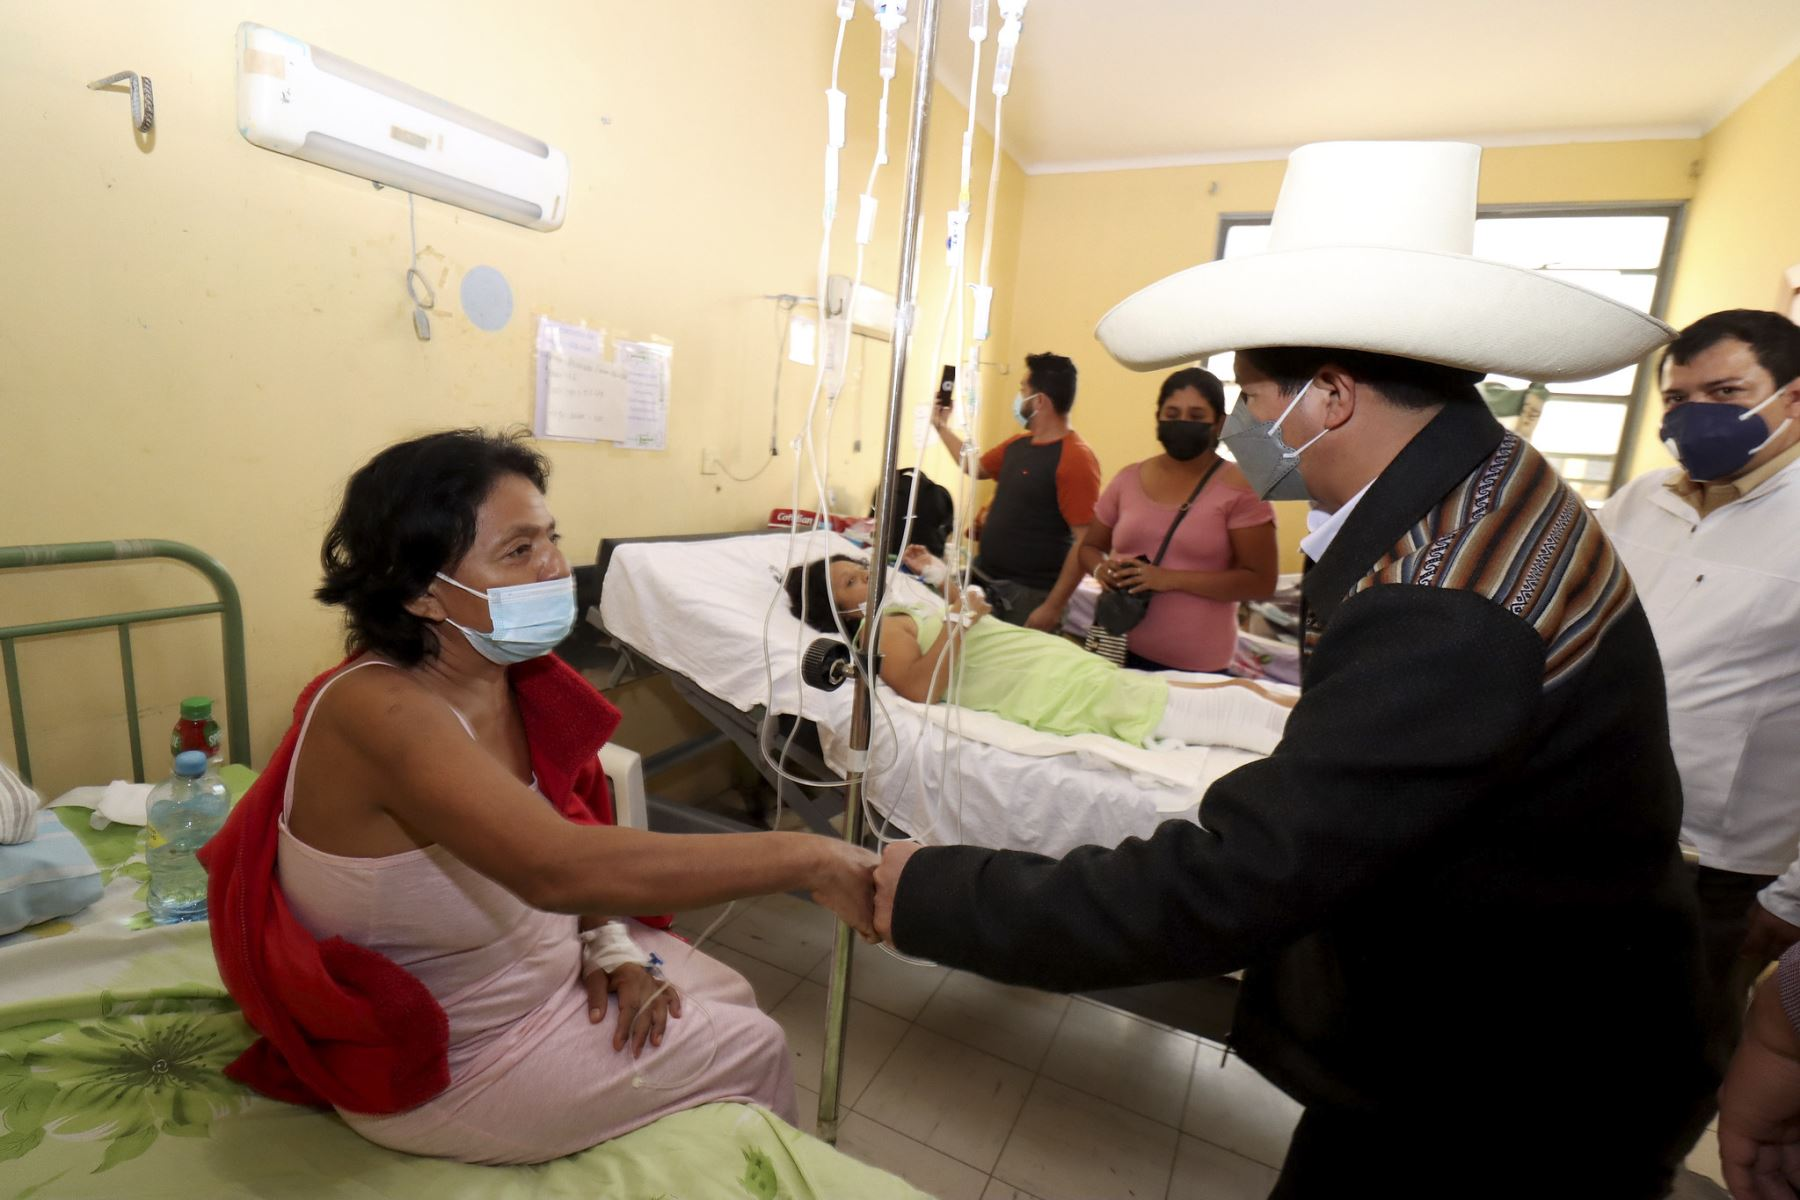 Presidente Pedro Castillo llegó a la región Piura para atender la emergencia ocurrida tras un fuerte sismo de 6.1 de magnitud. Foto: Presidencia